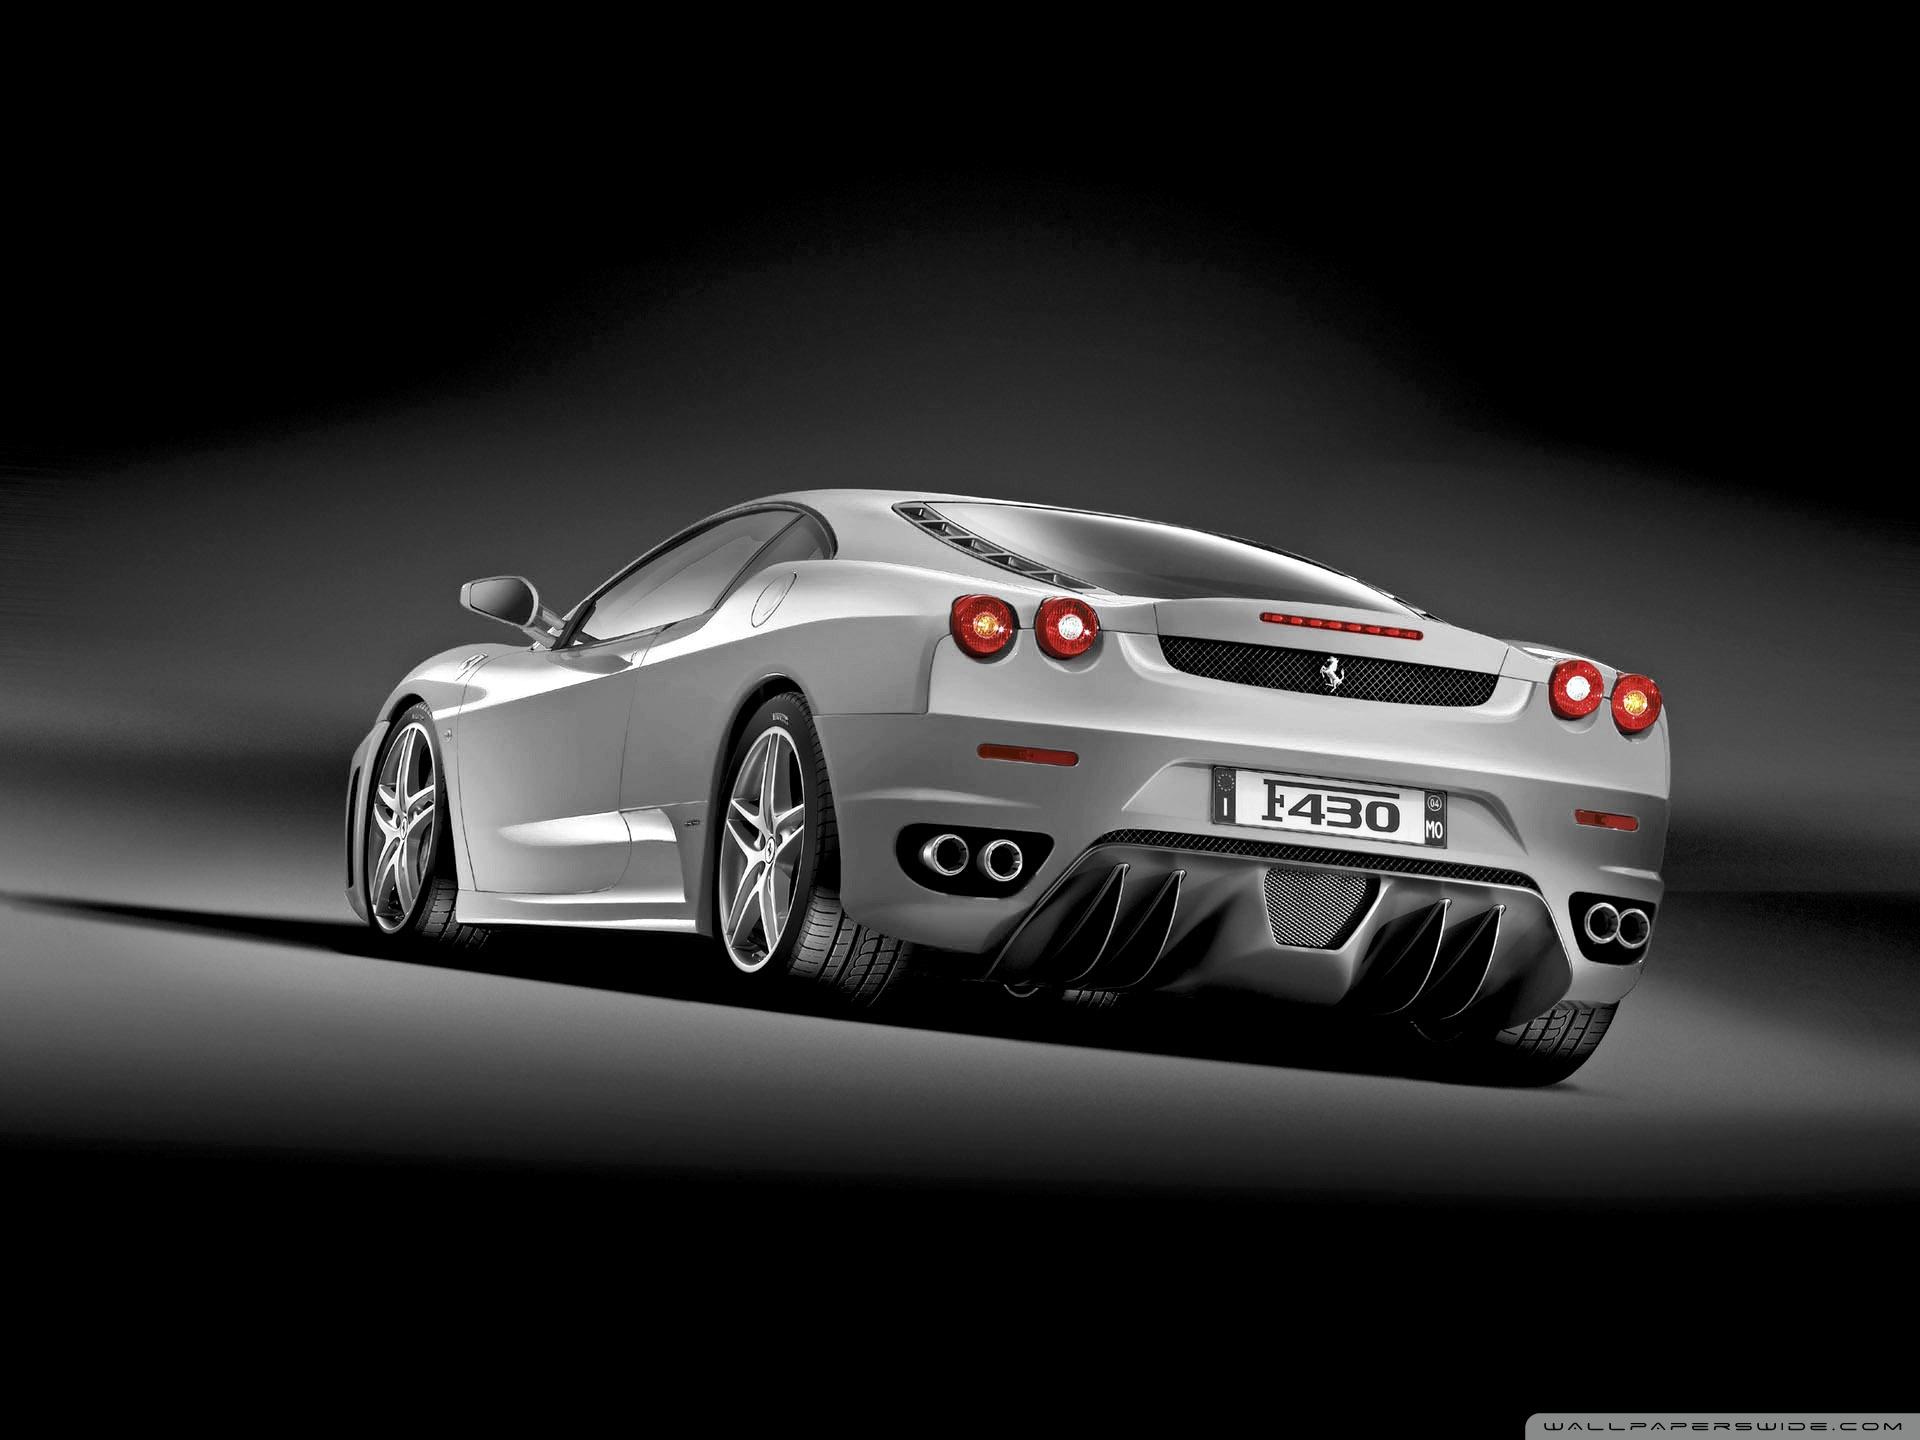 Standard - Sport Car Wallpaper Ferrari , HD Wallpaper & Backgrounds